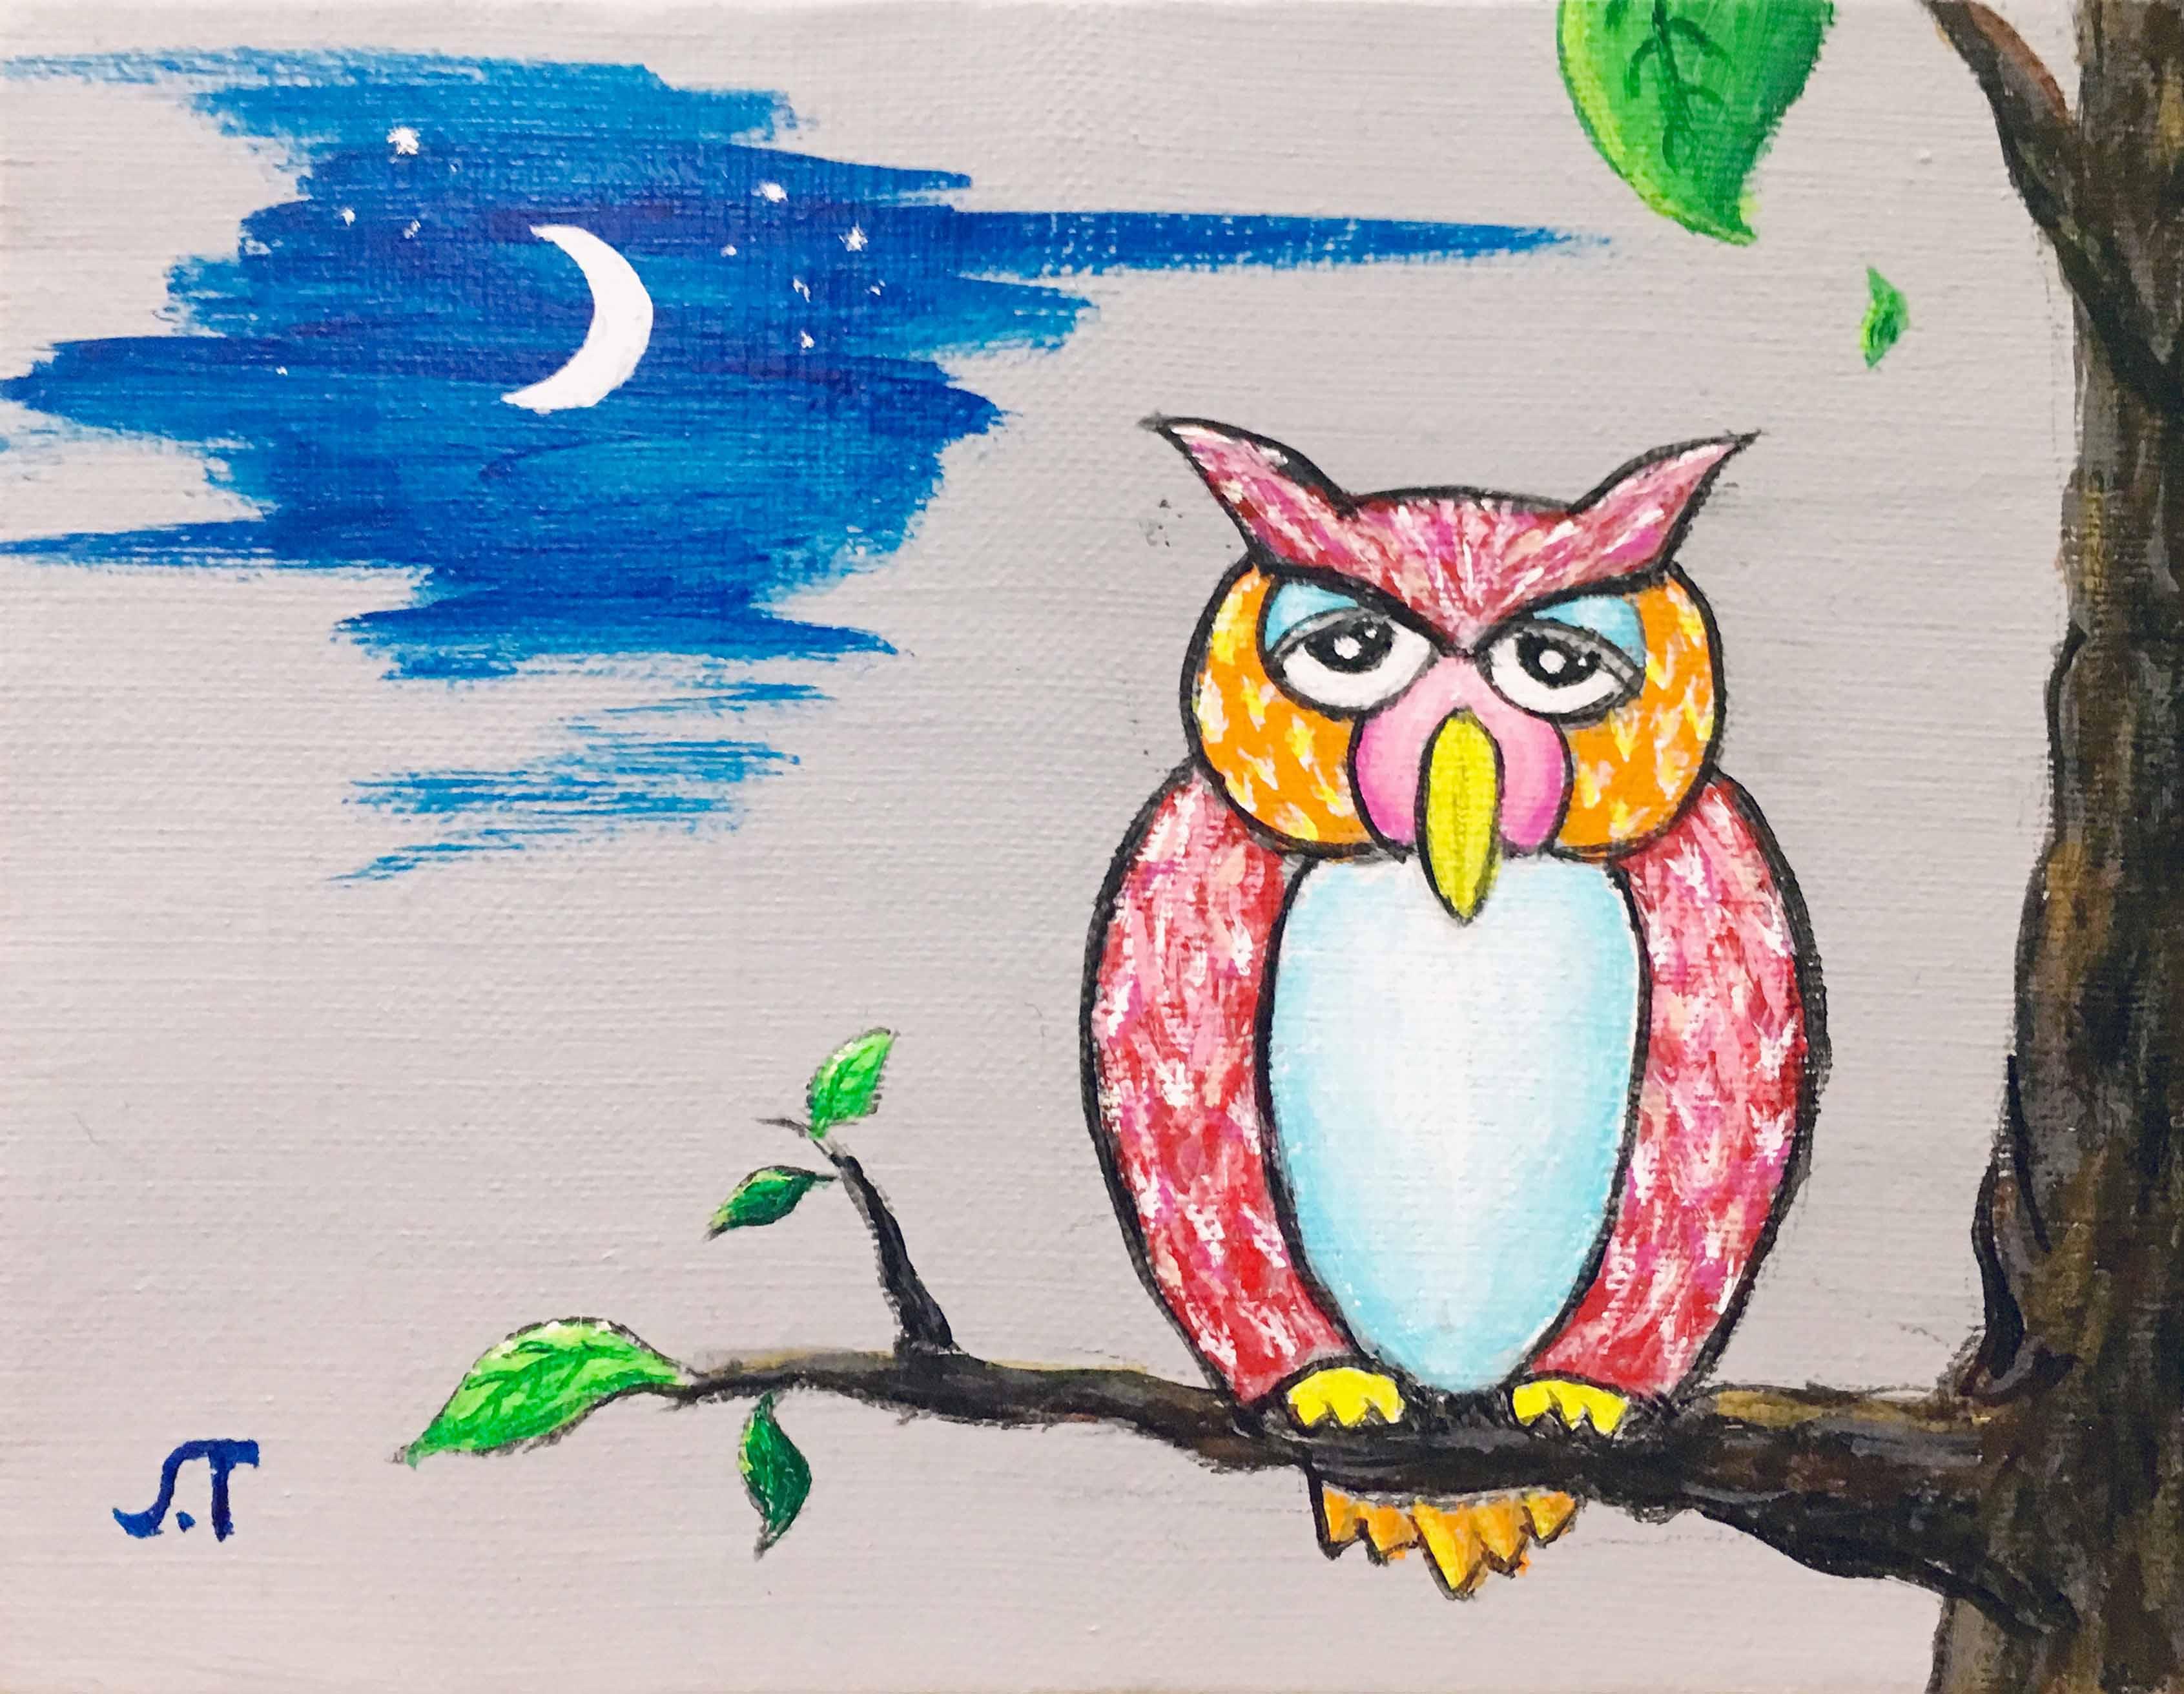 ふくろう(Owl)